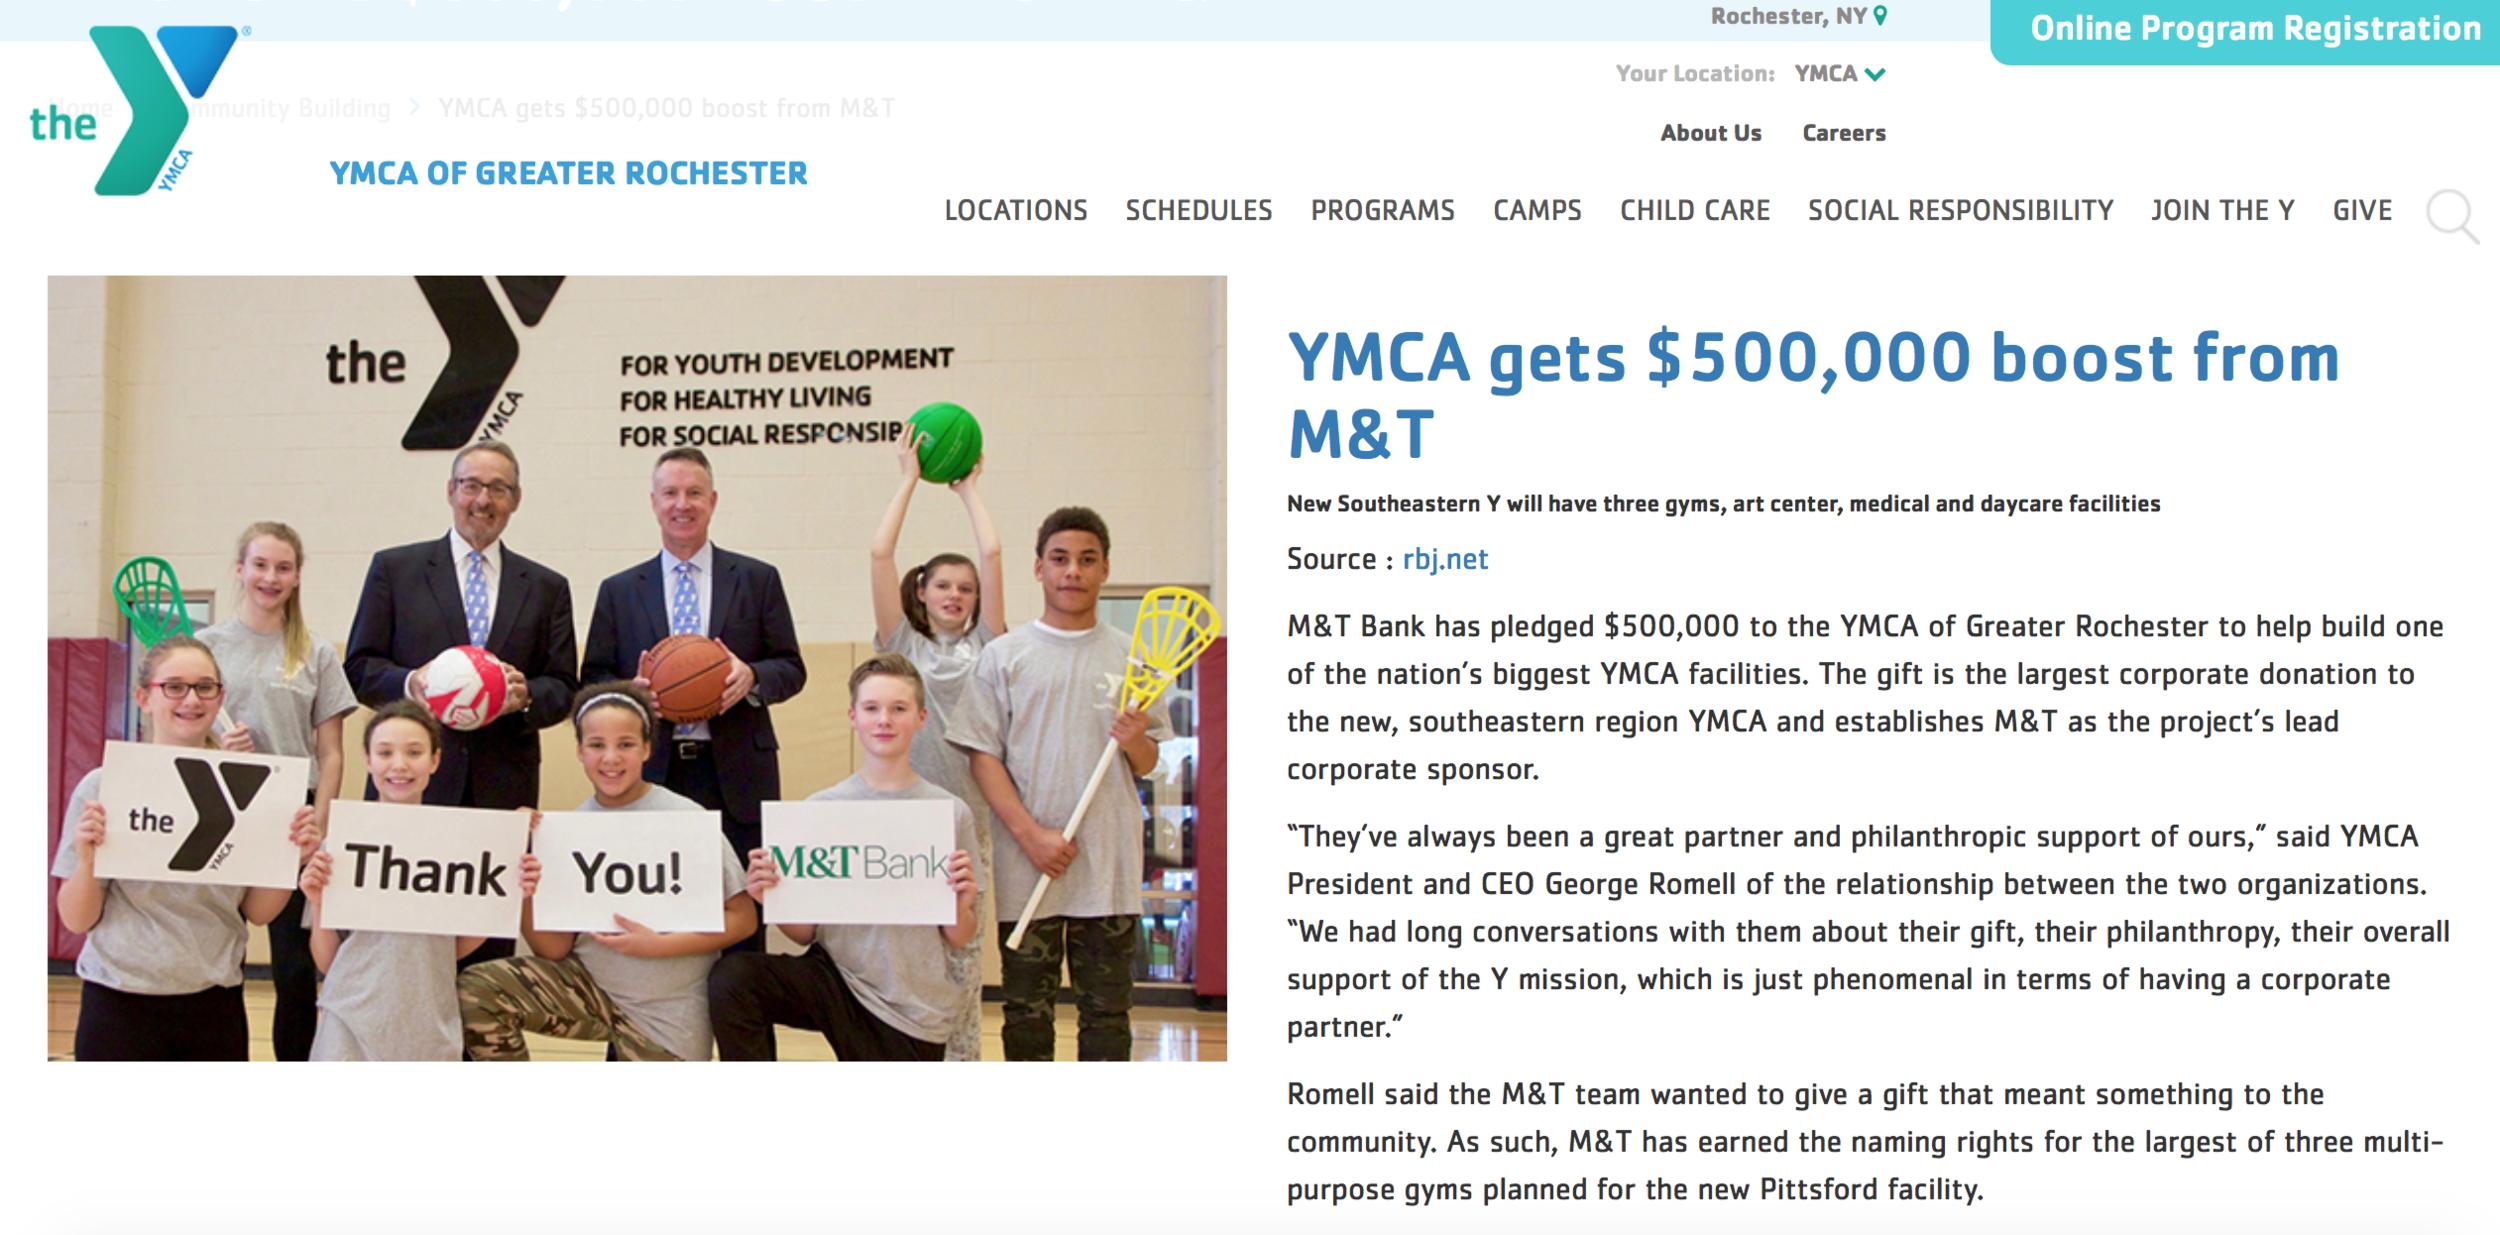 YMCA website 2.png